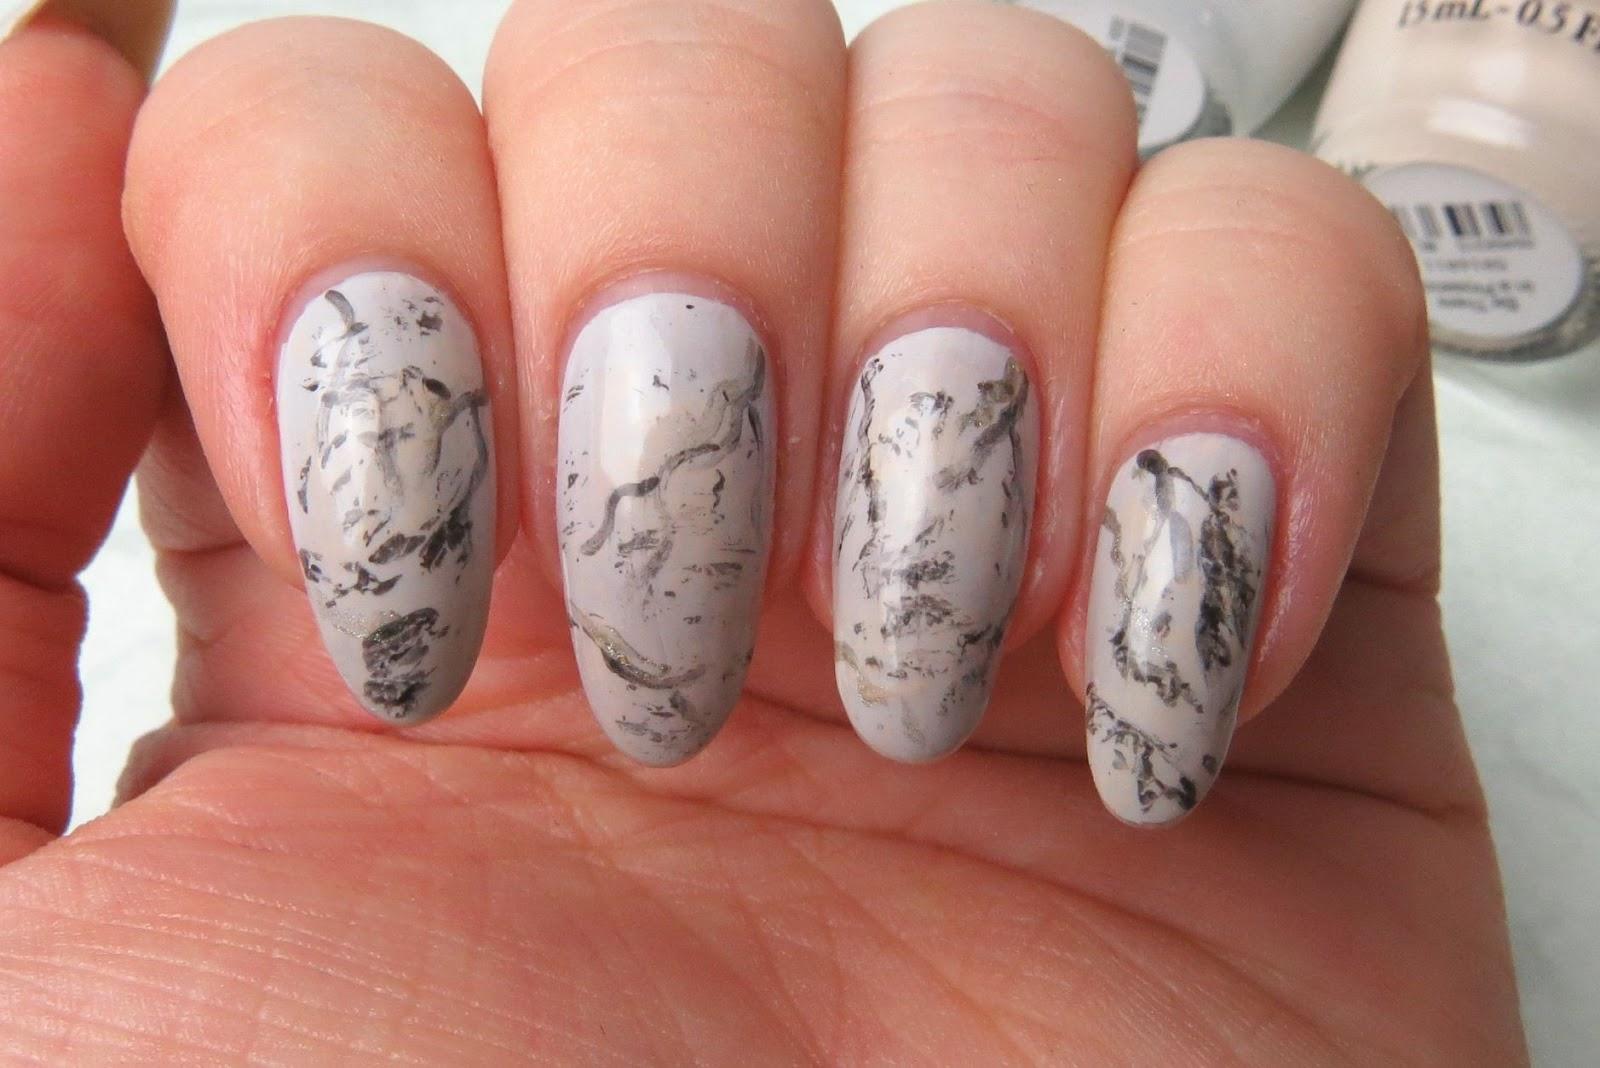 Mani Monday: Marbled Stone | Kaitlyn Elisabeth Beauty